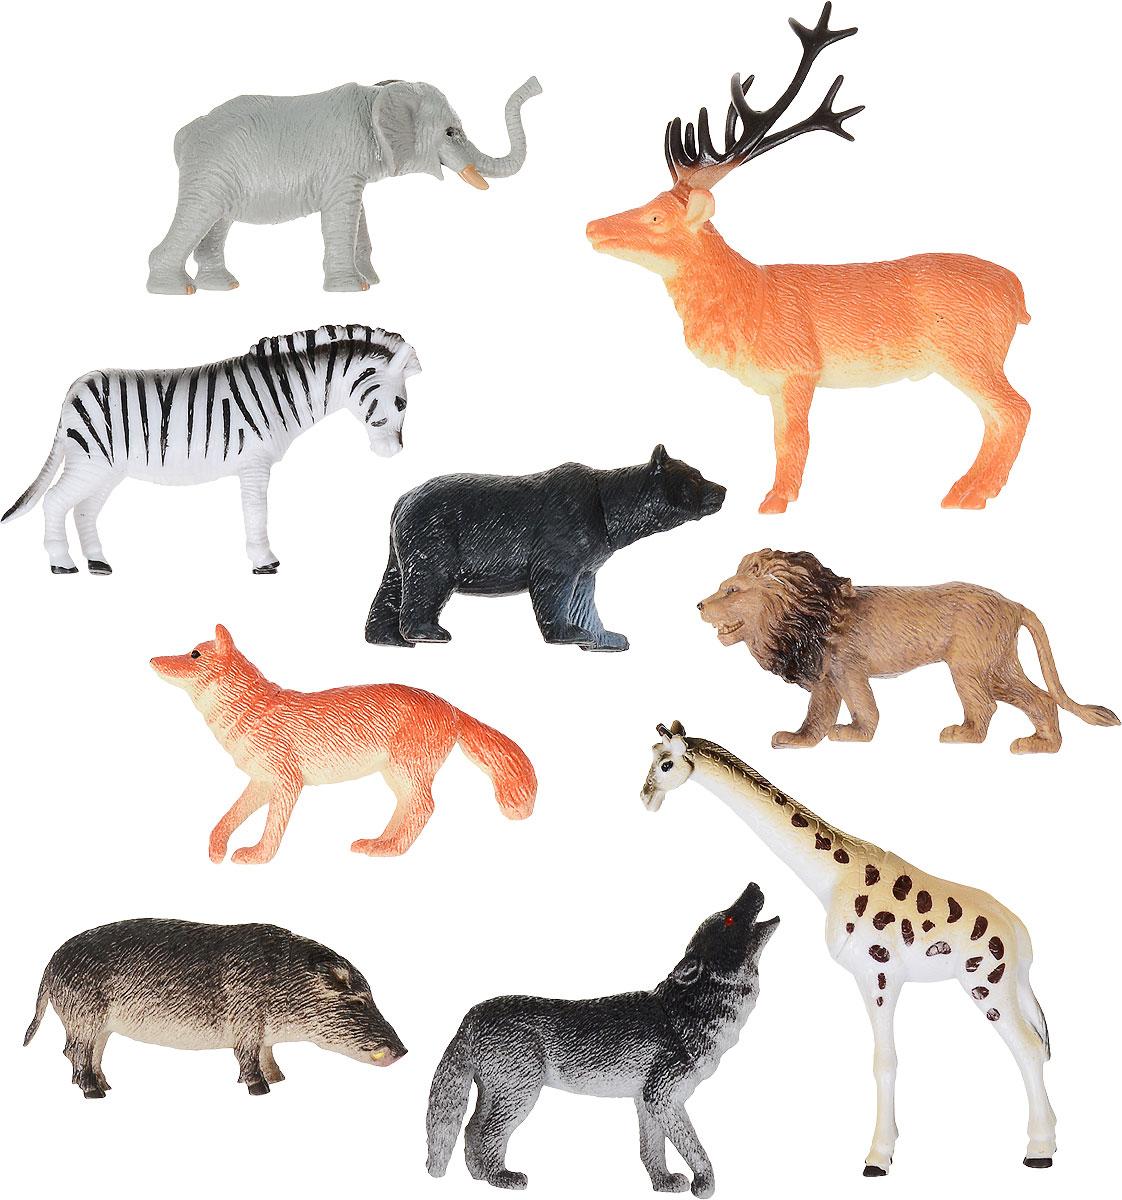 Играем вместе Набор фигурок Животные 9 шт warcraft набор фигурок лотар чернорук грифон и волк 4 шт